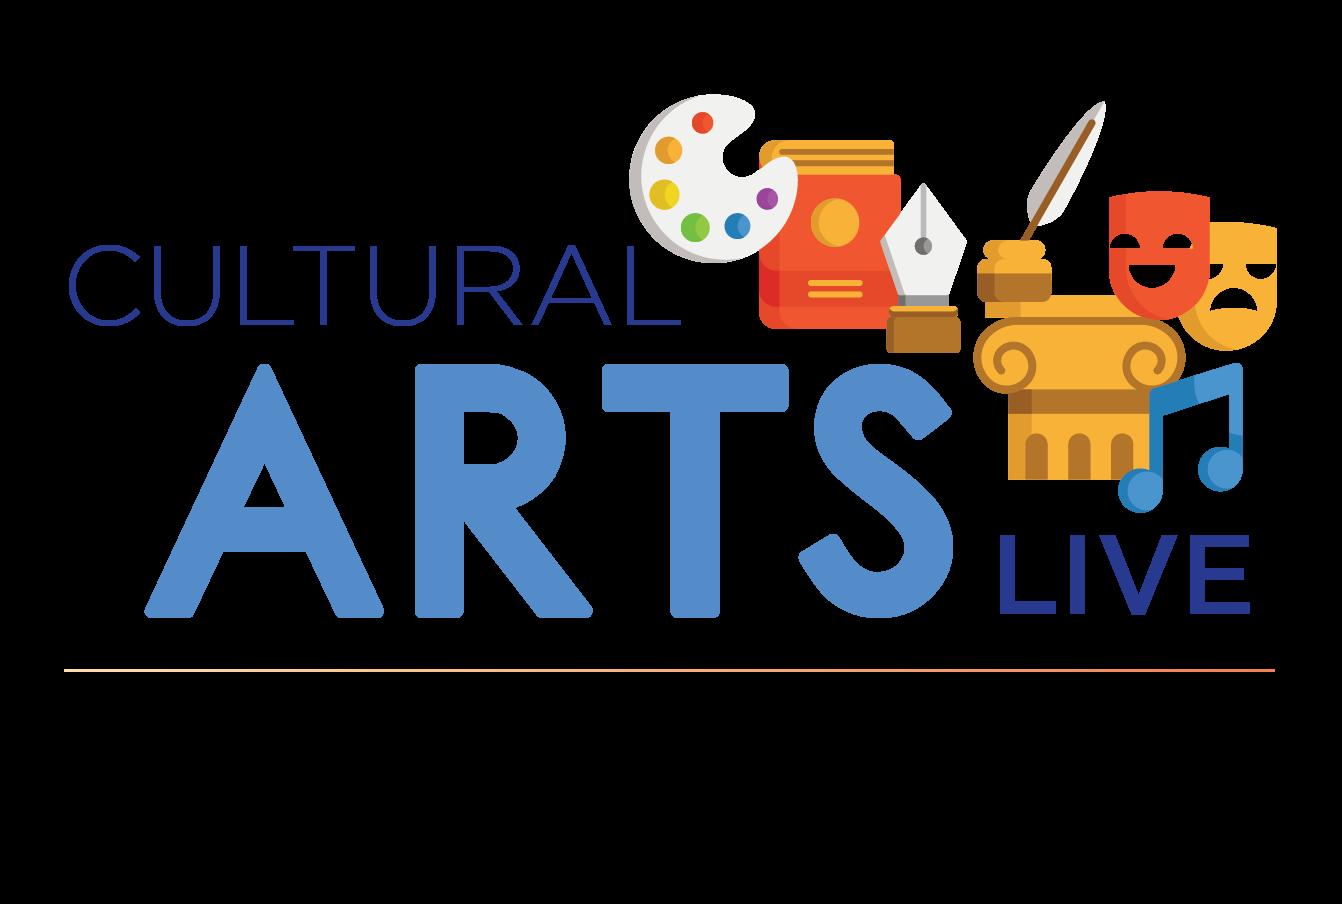 North Carolina Cultural Arts LIVE